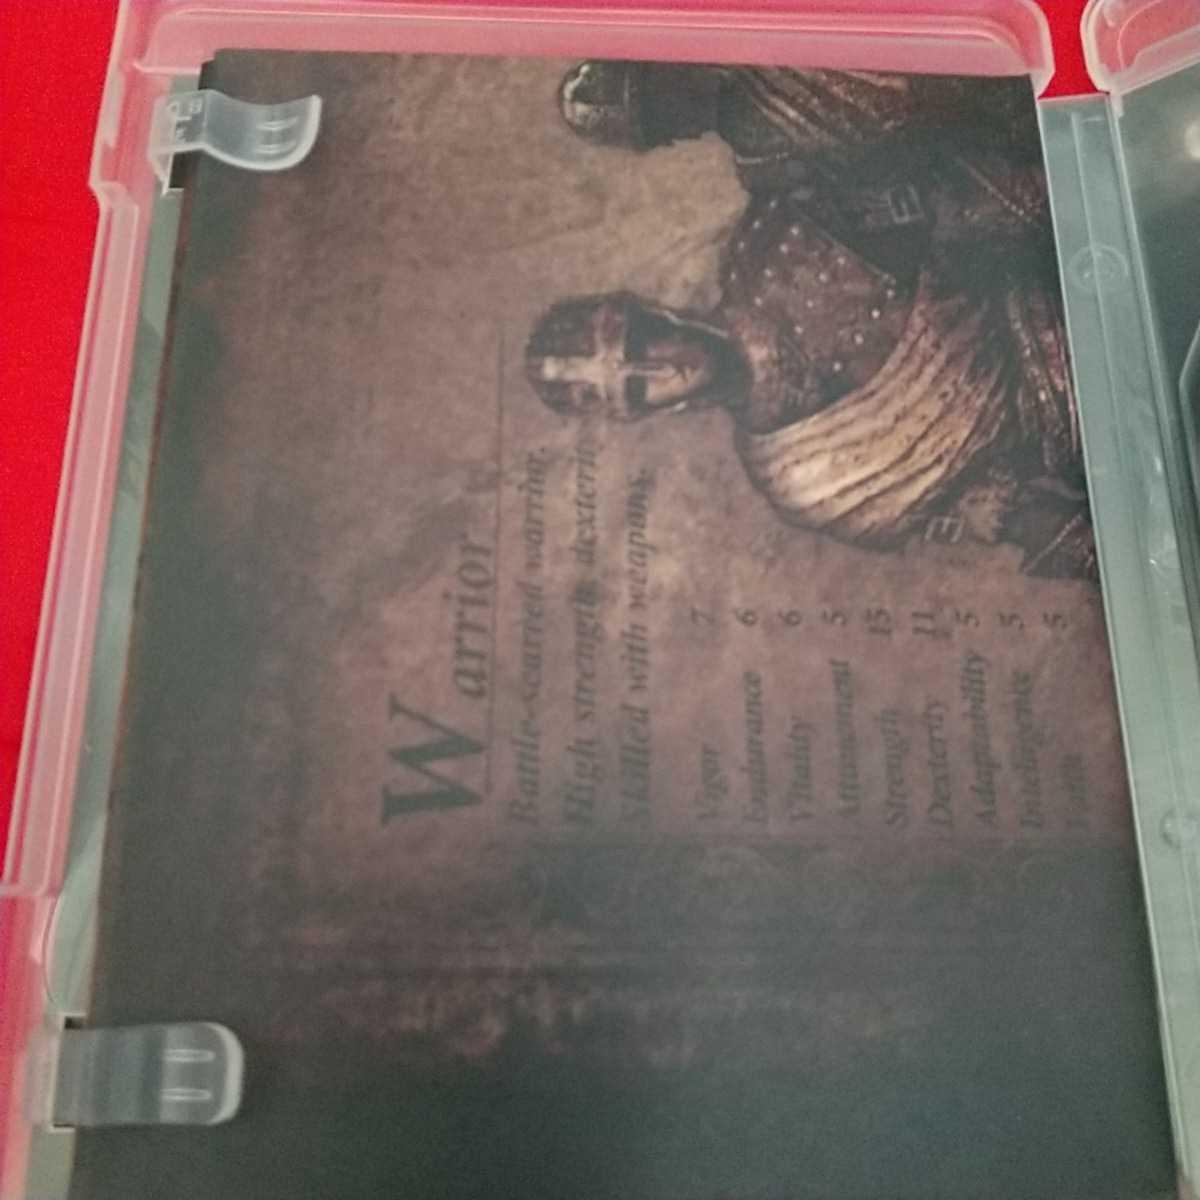 ダークソウル2 スペシャルマップ オリジナルサウンドトラック